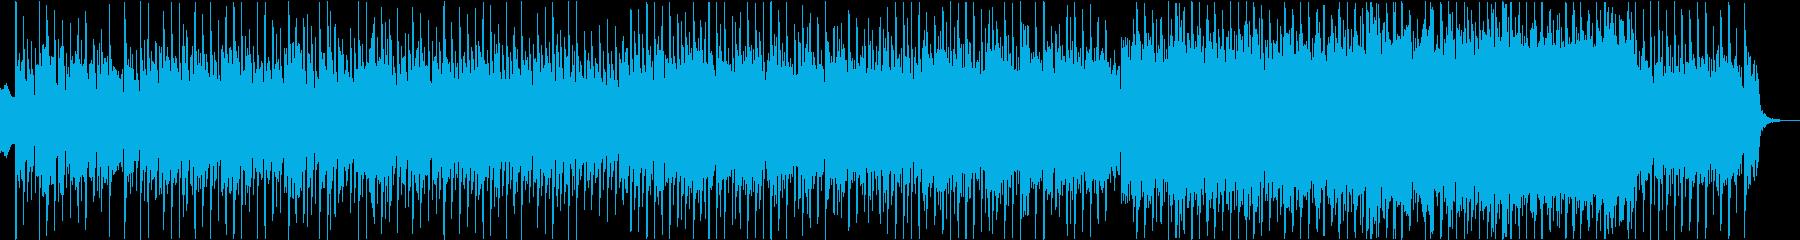 近未来的な明るくかわいいテクノポップの再生済みの波形